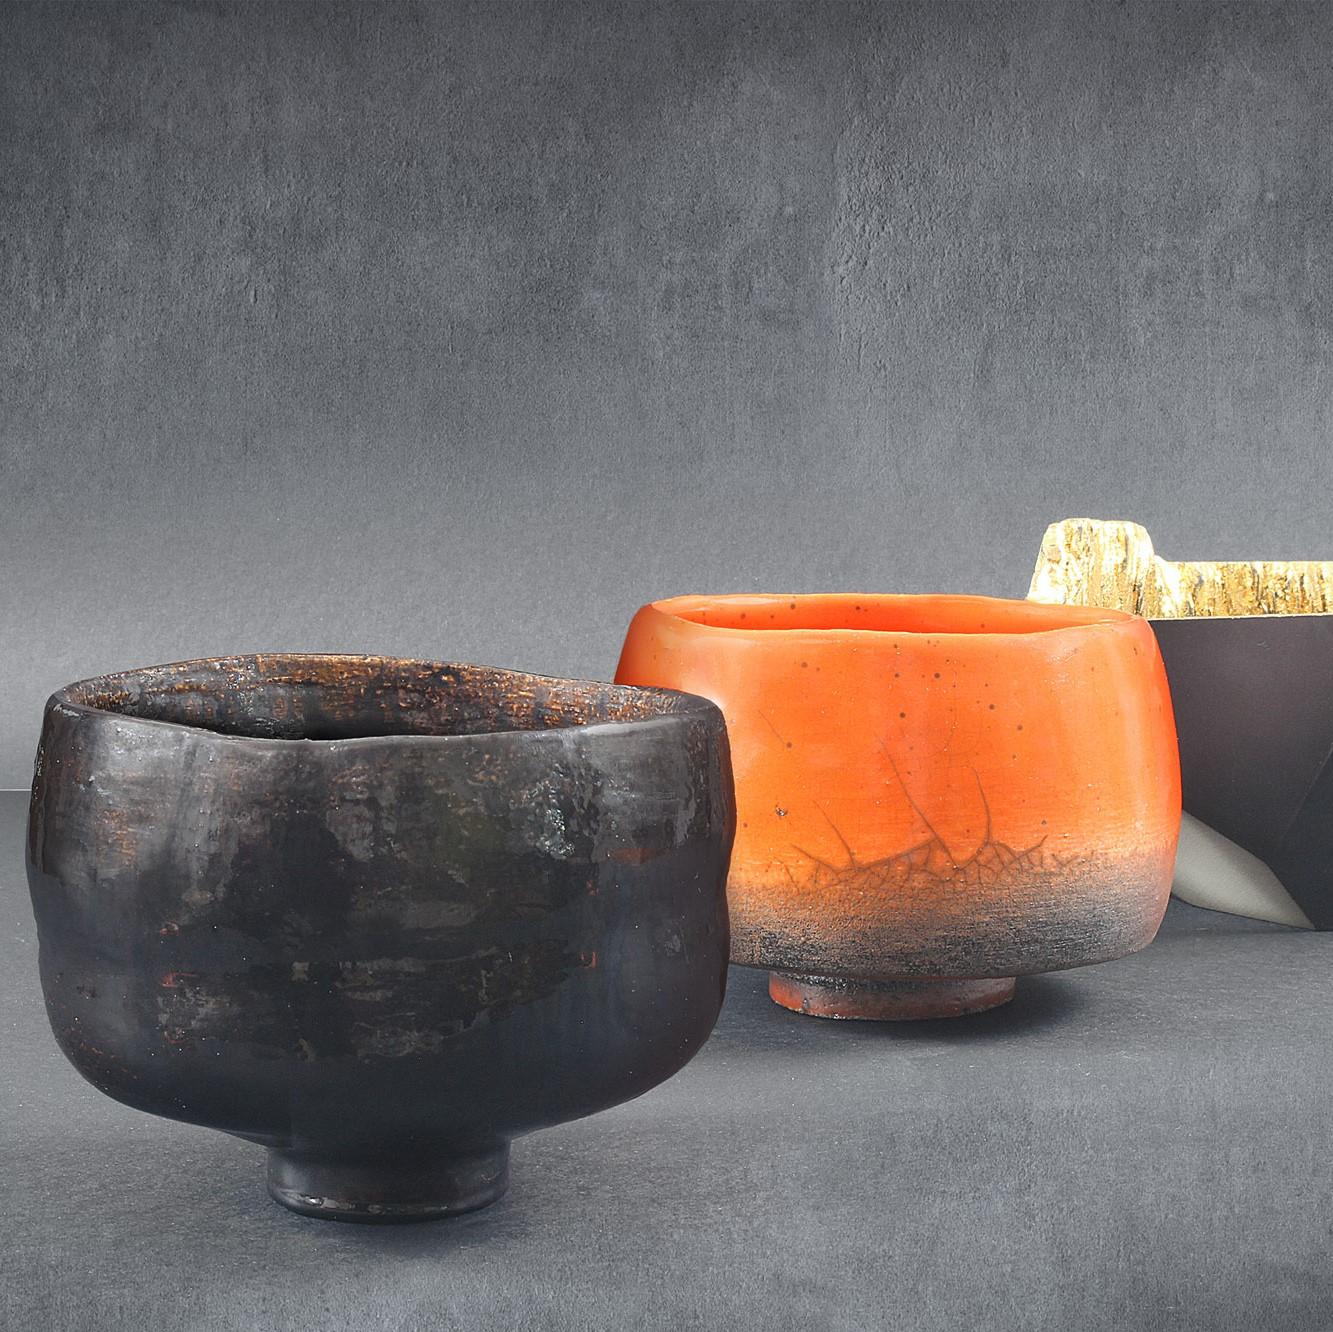 Espositori Festa della Ceramica 2018 - collezione privata di Scazzariello Roberto